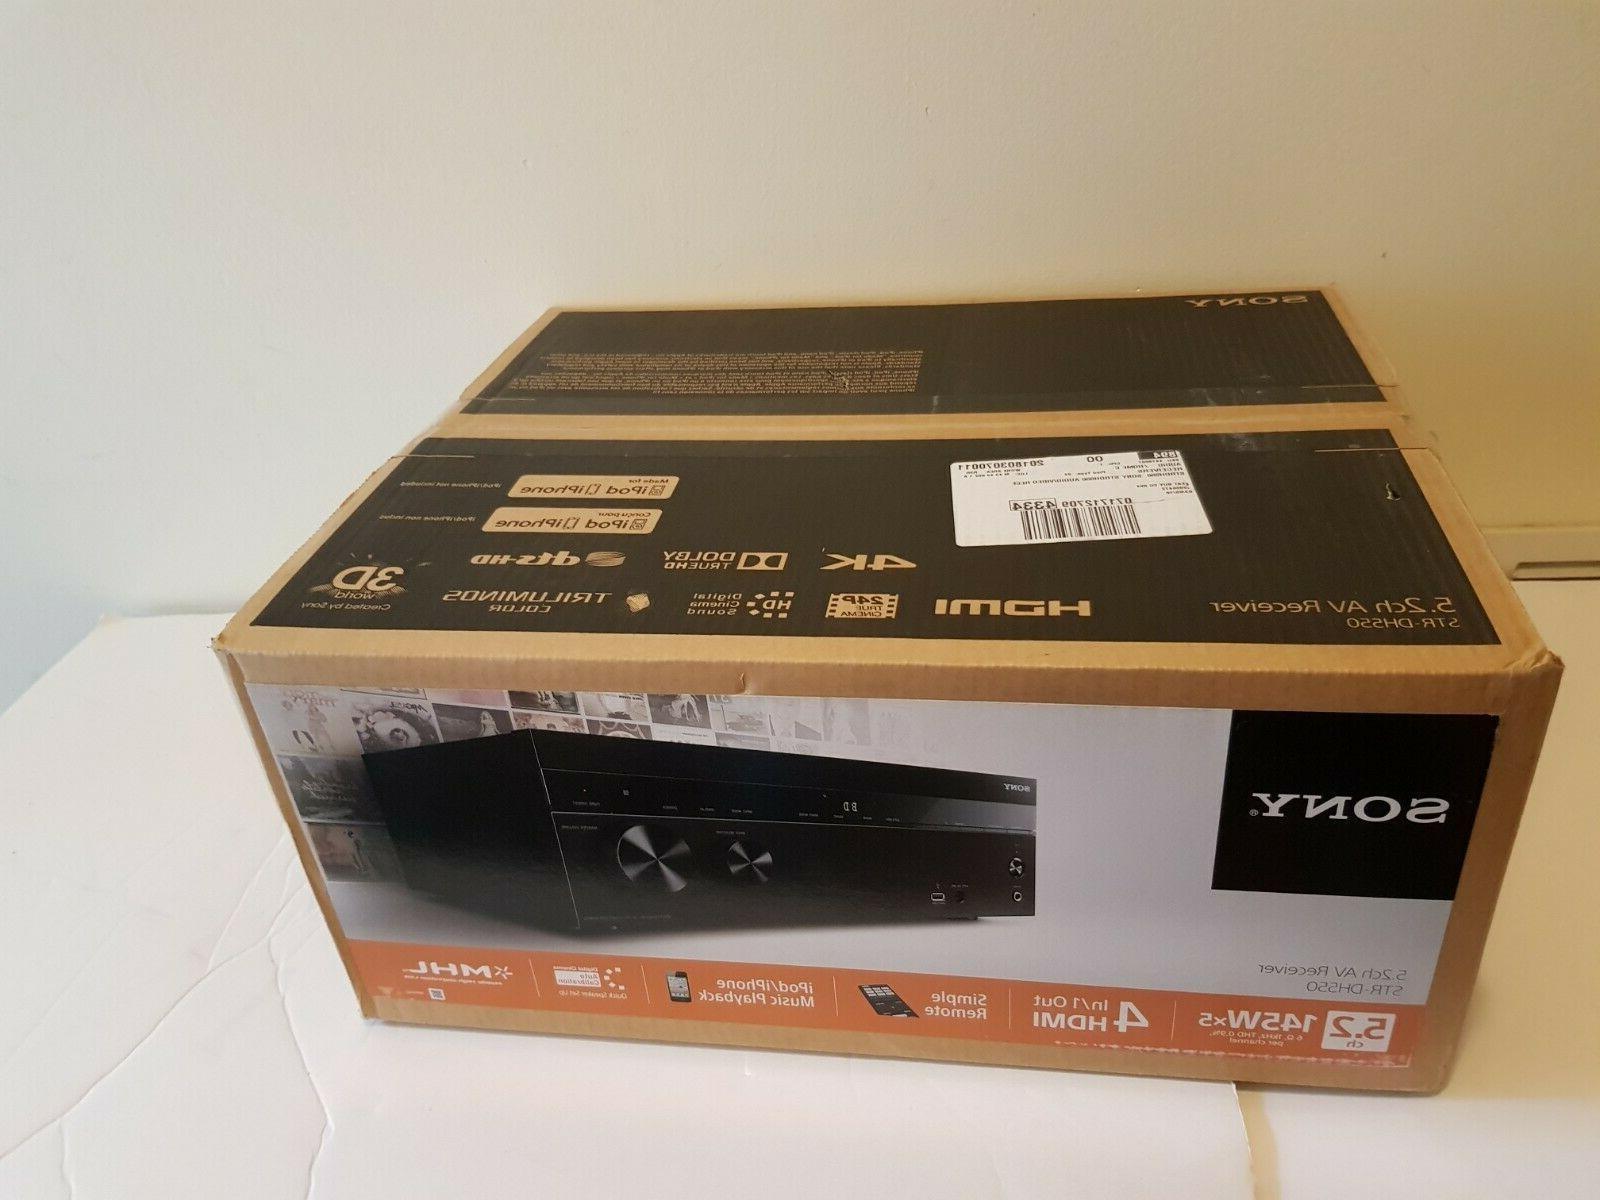 strdh550 5 2 channel 4k av receiver